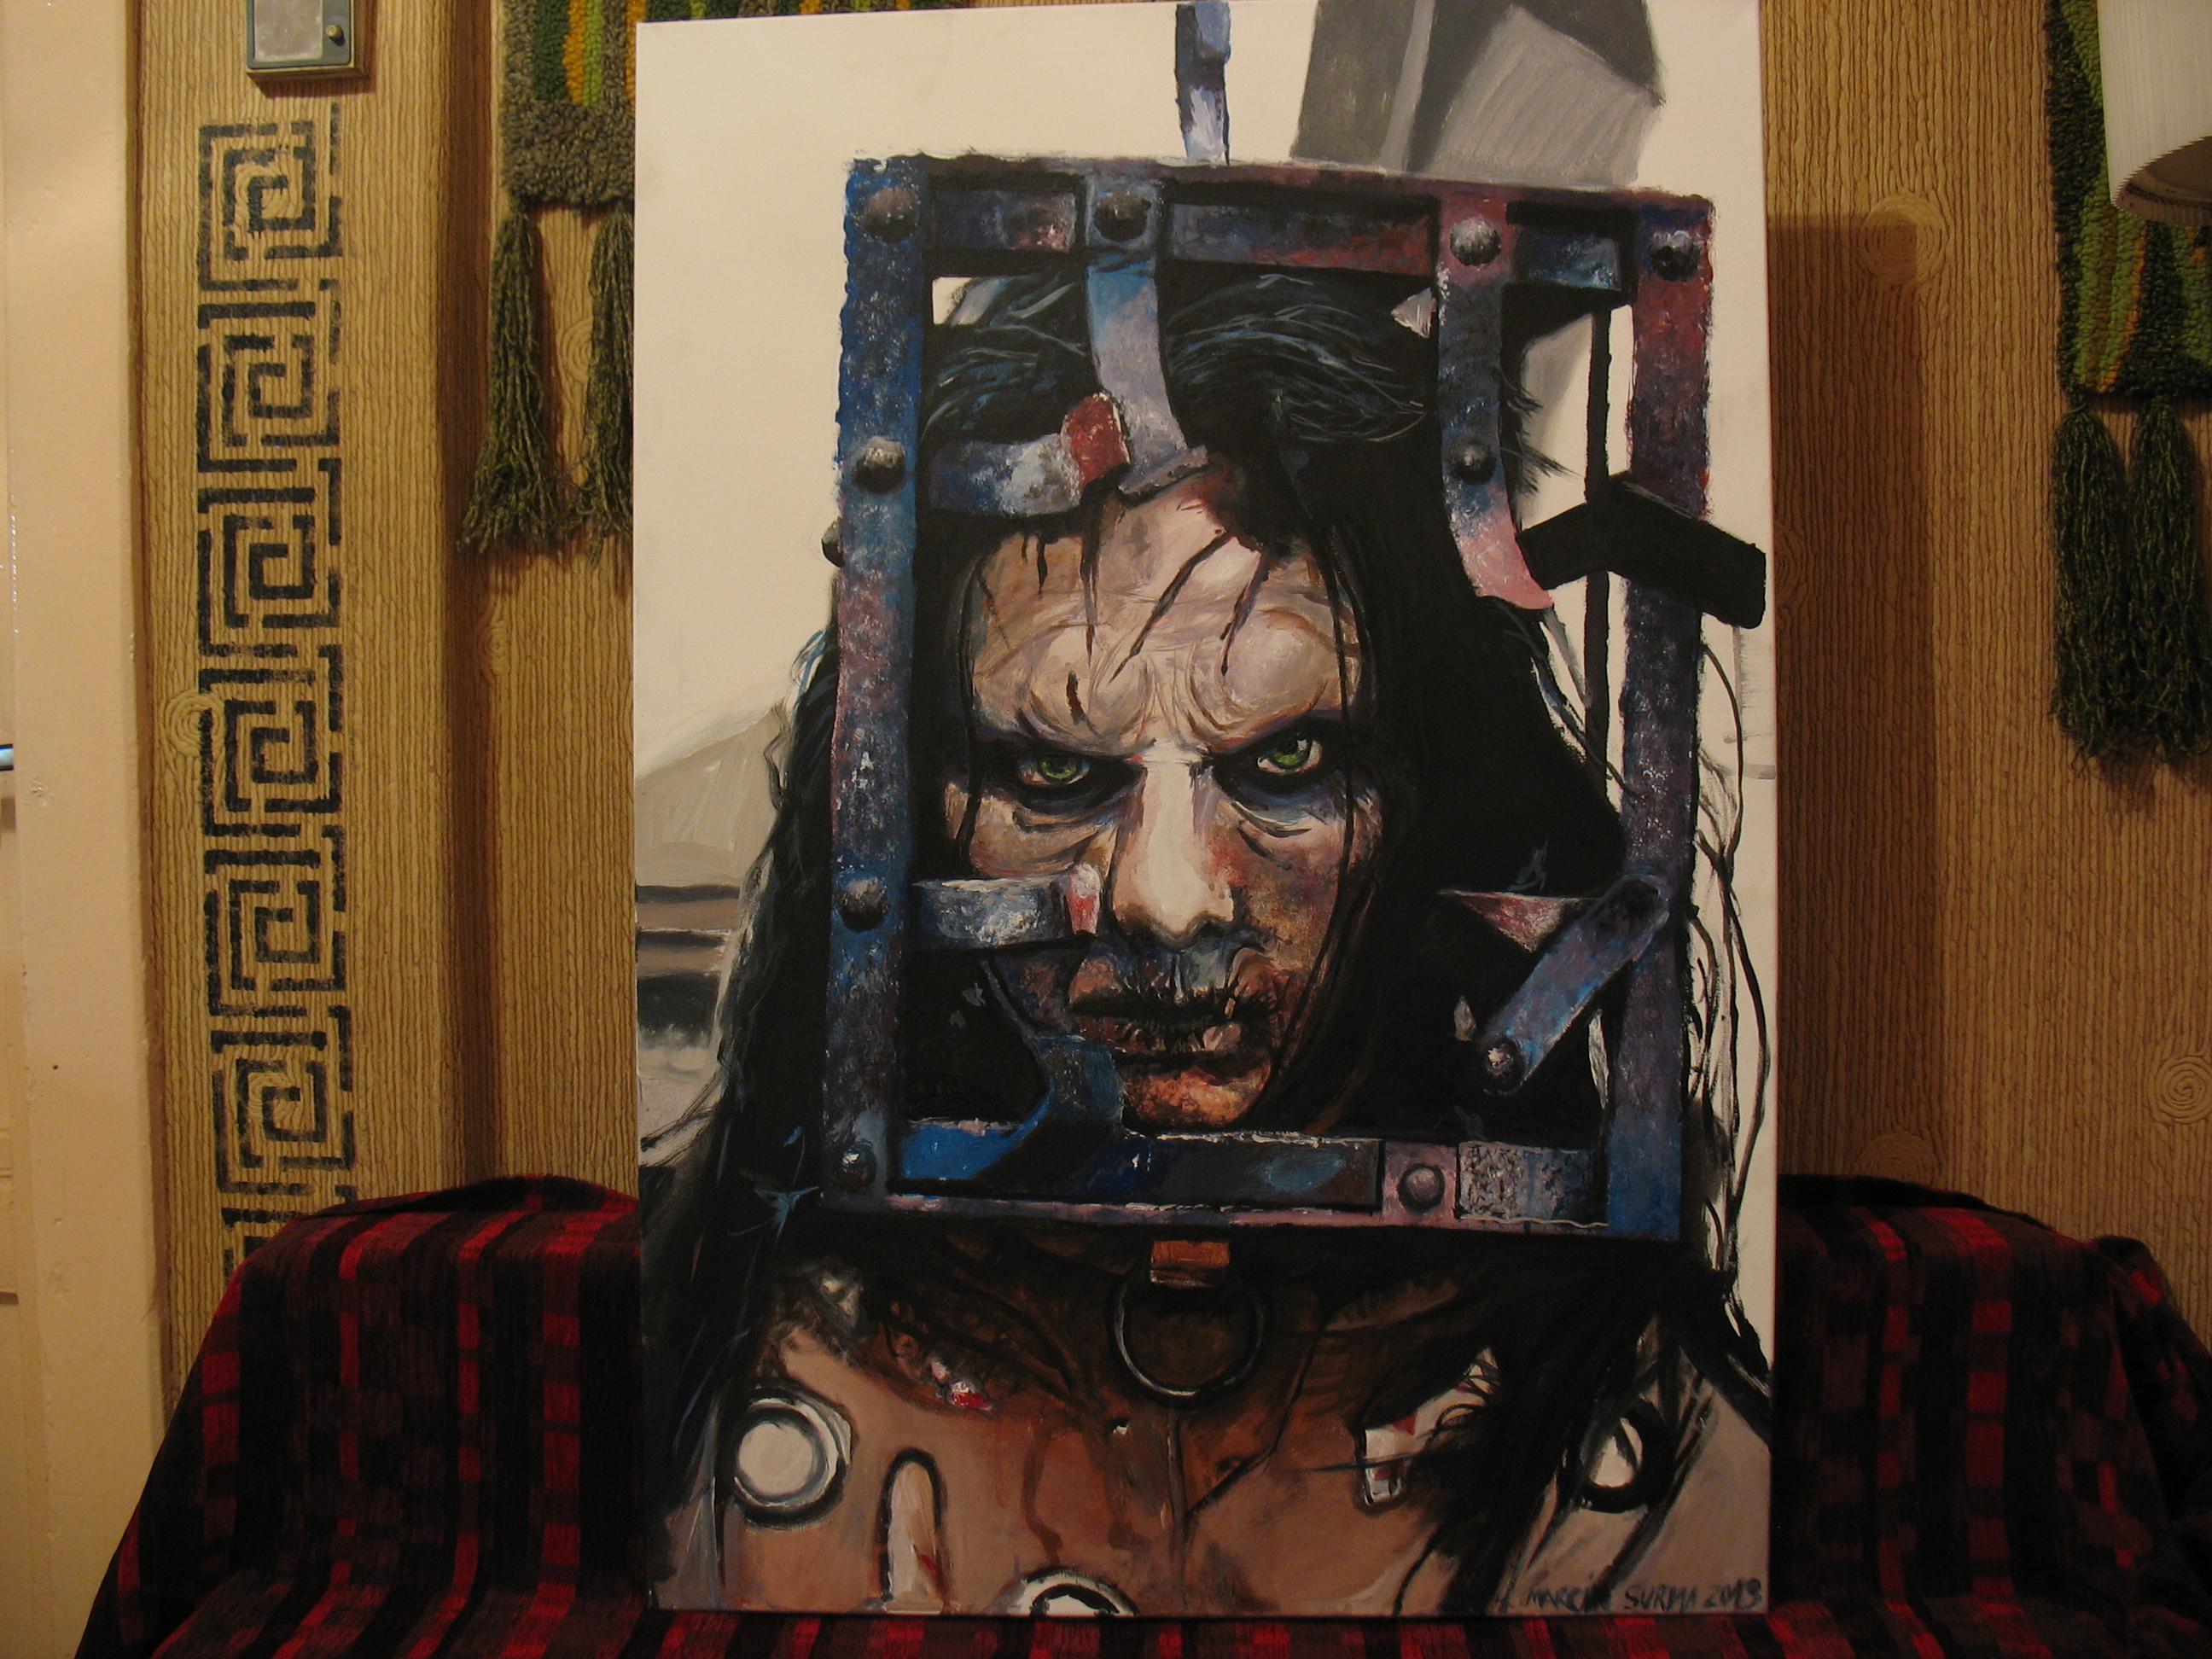 Jackal (13 Ghosts) Painting 100/70cm by MarcinSurma on DeviantArt Thir13en Ghosts Jackal